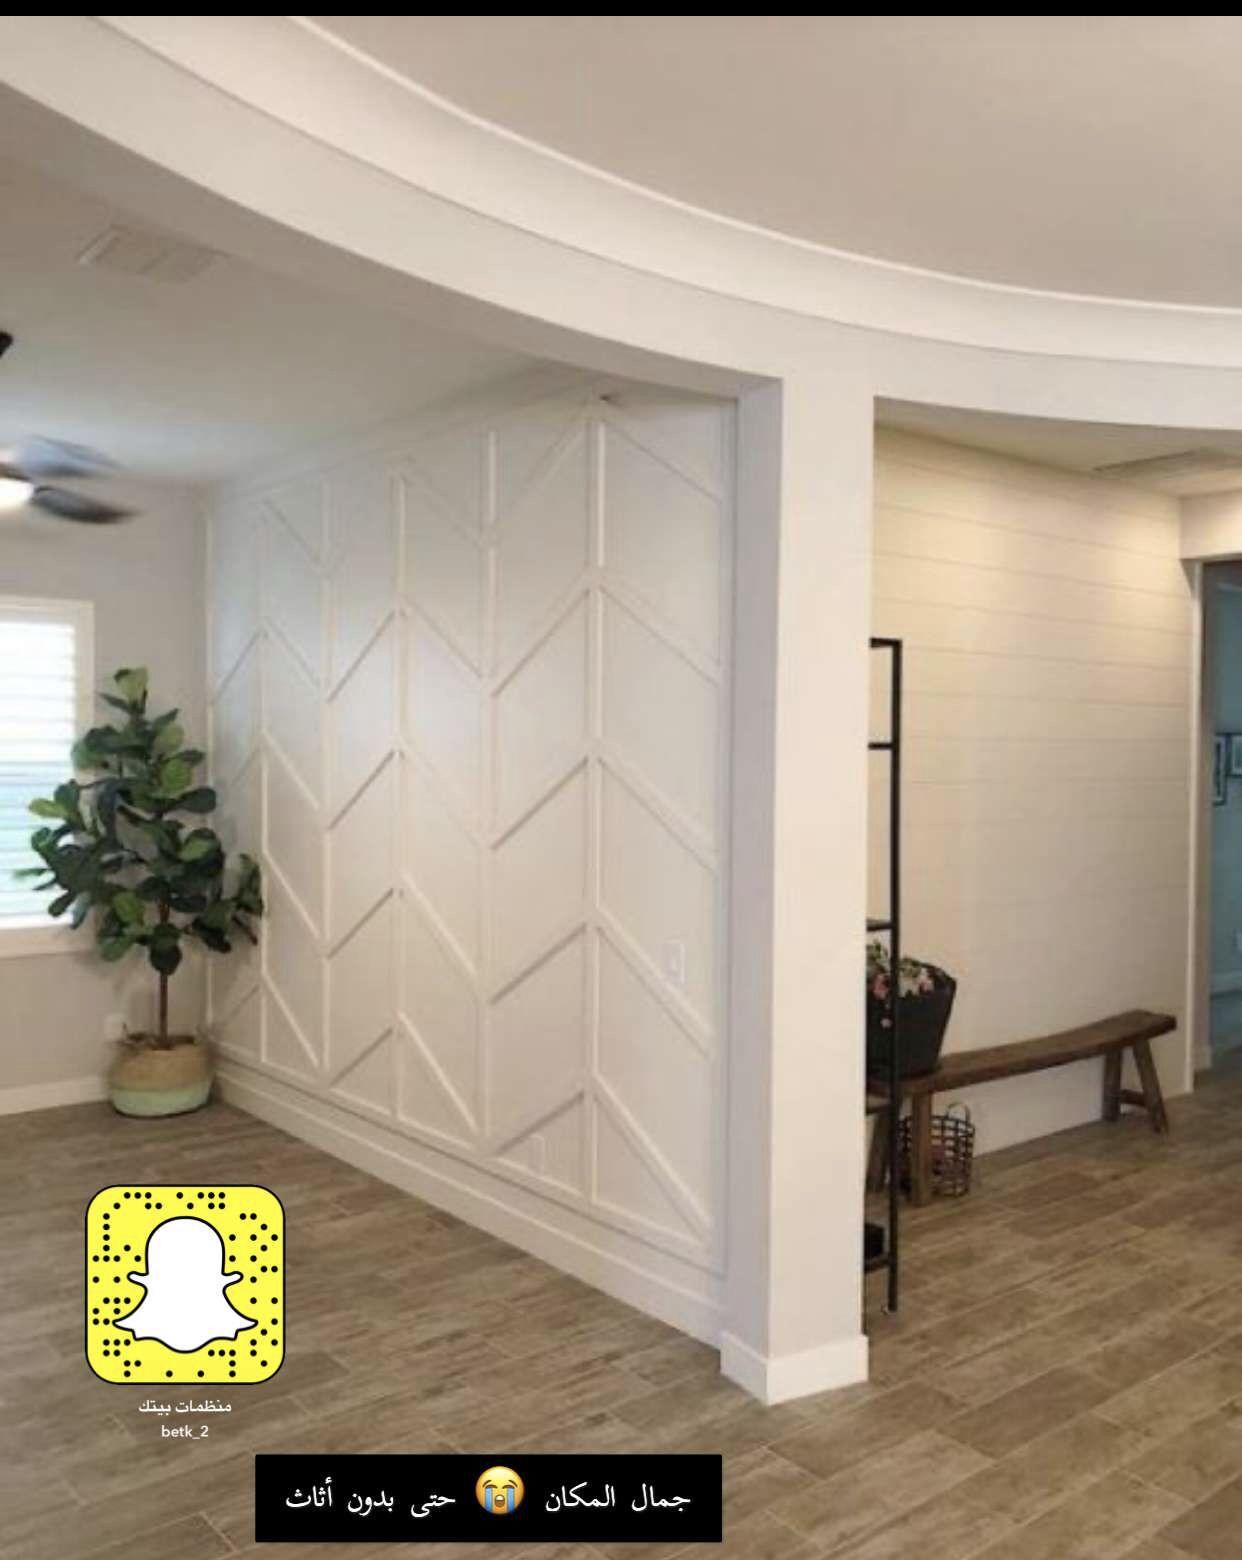 فكرة مدخل باستخدام الفوم او الخشب Habitacion